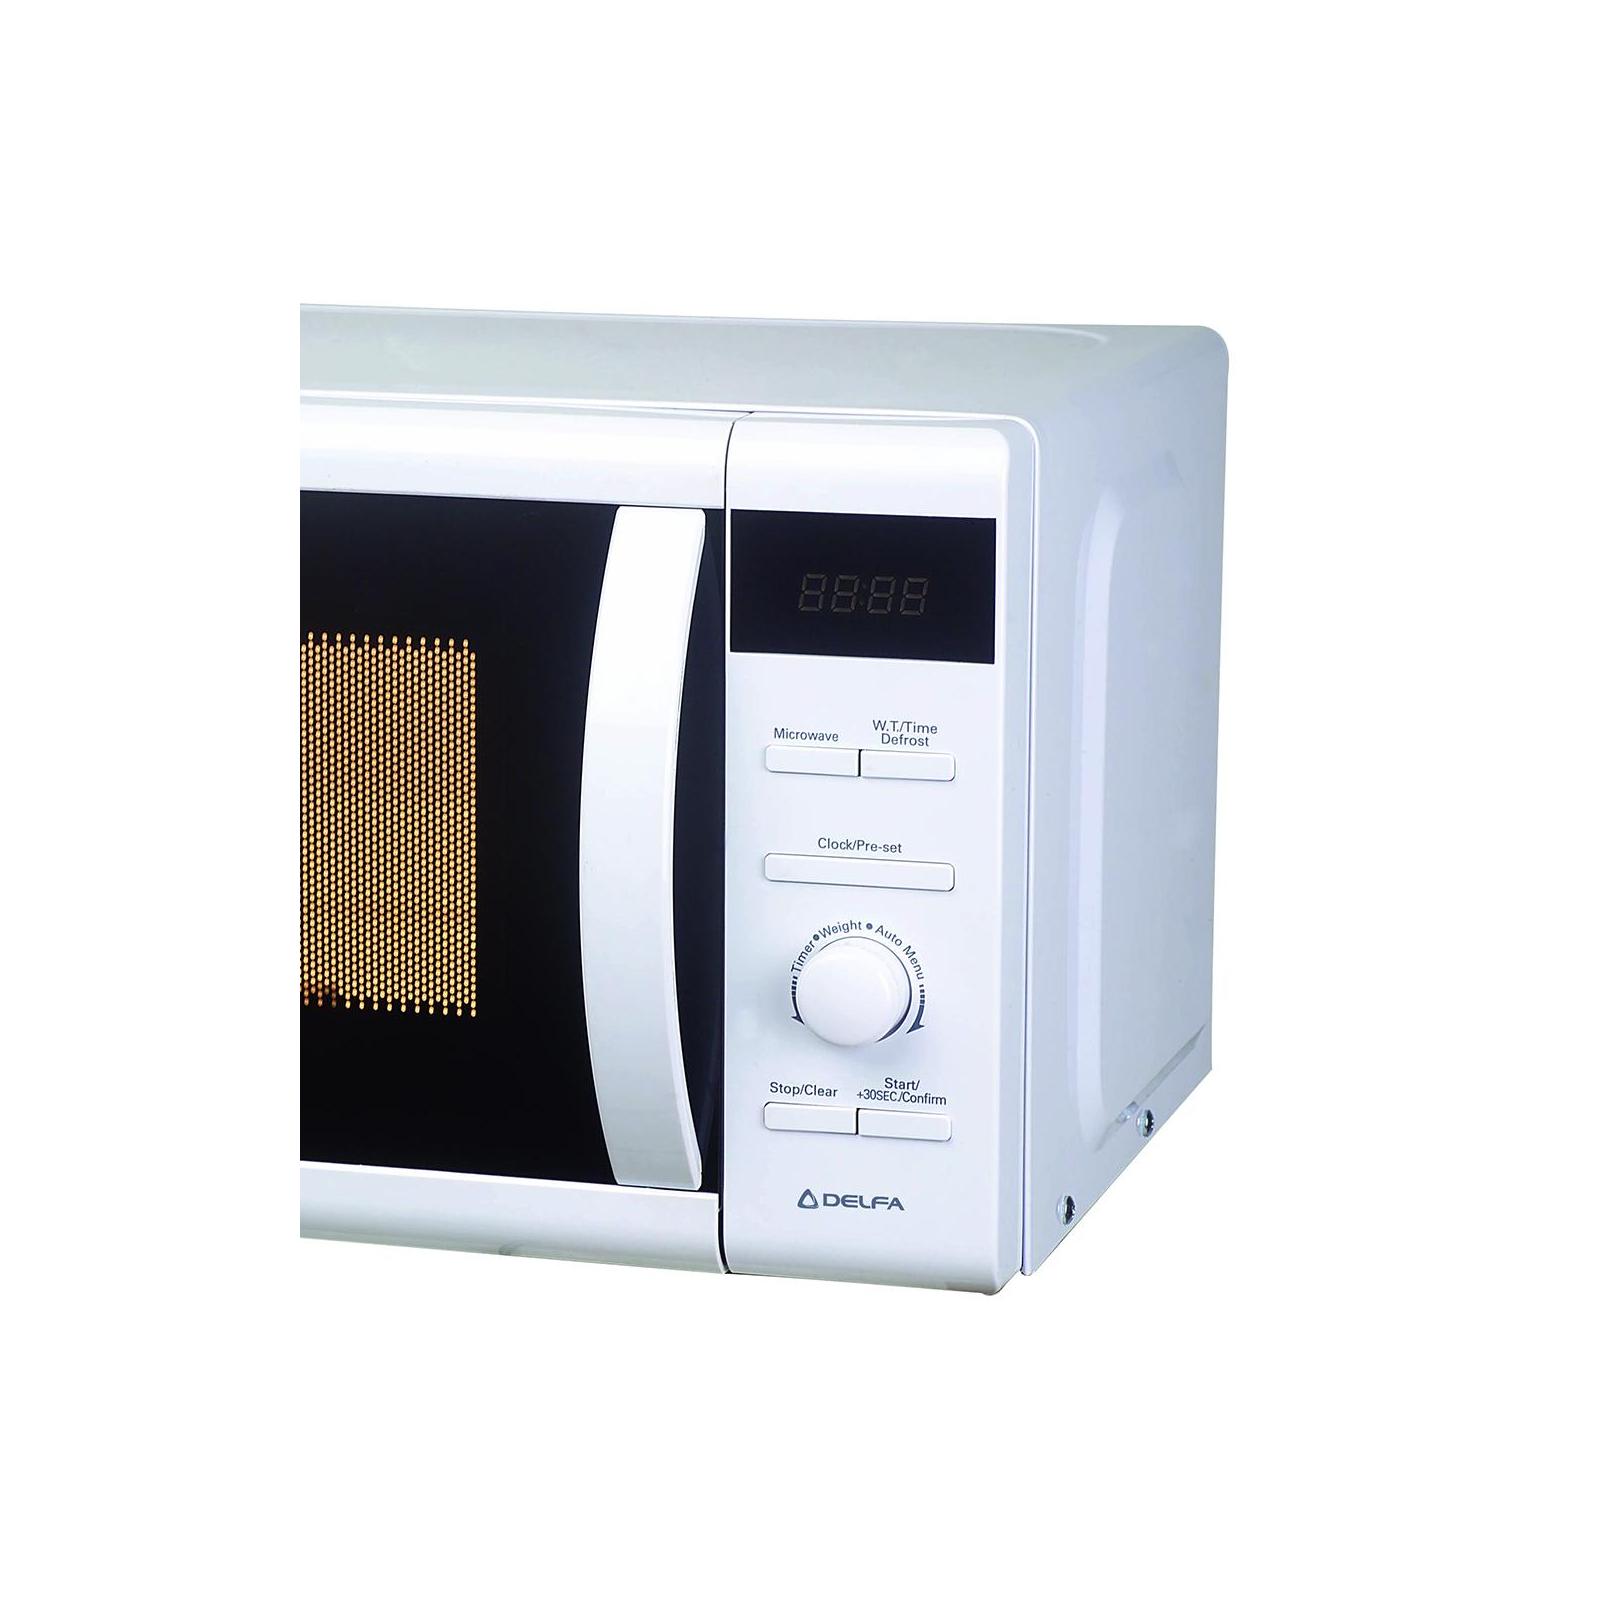 Микроволновая печь Delfa MD201DW изображение 6